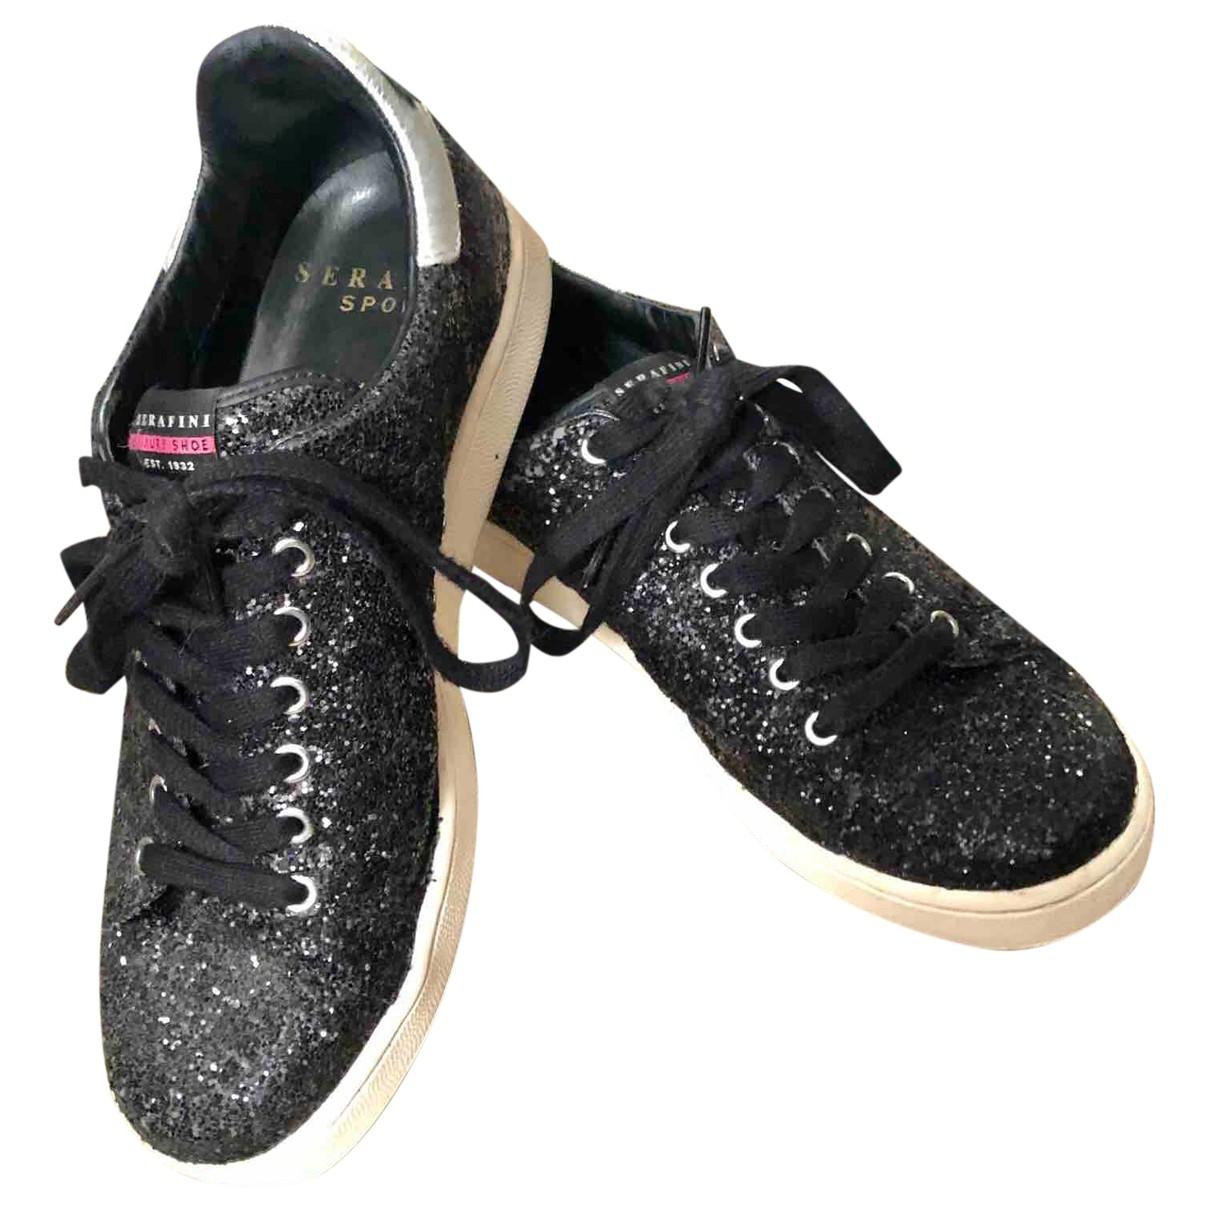 Serafini - Baskets   pour femme en a paillettes - noir